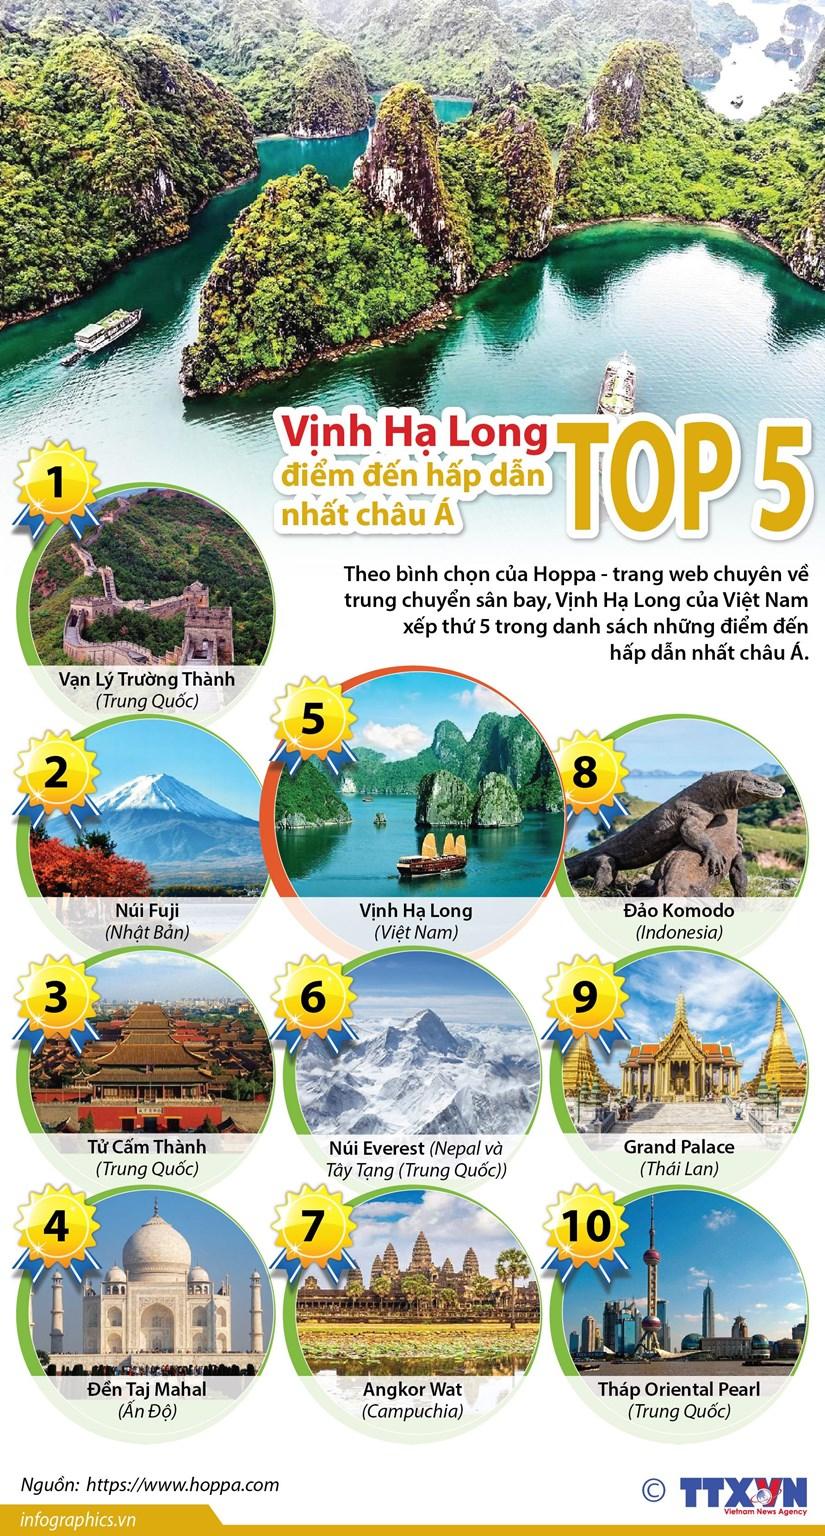 Vinh Ha Long lot vao top 5 diem den hap dan nhat chau A hinh anh 1